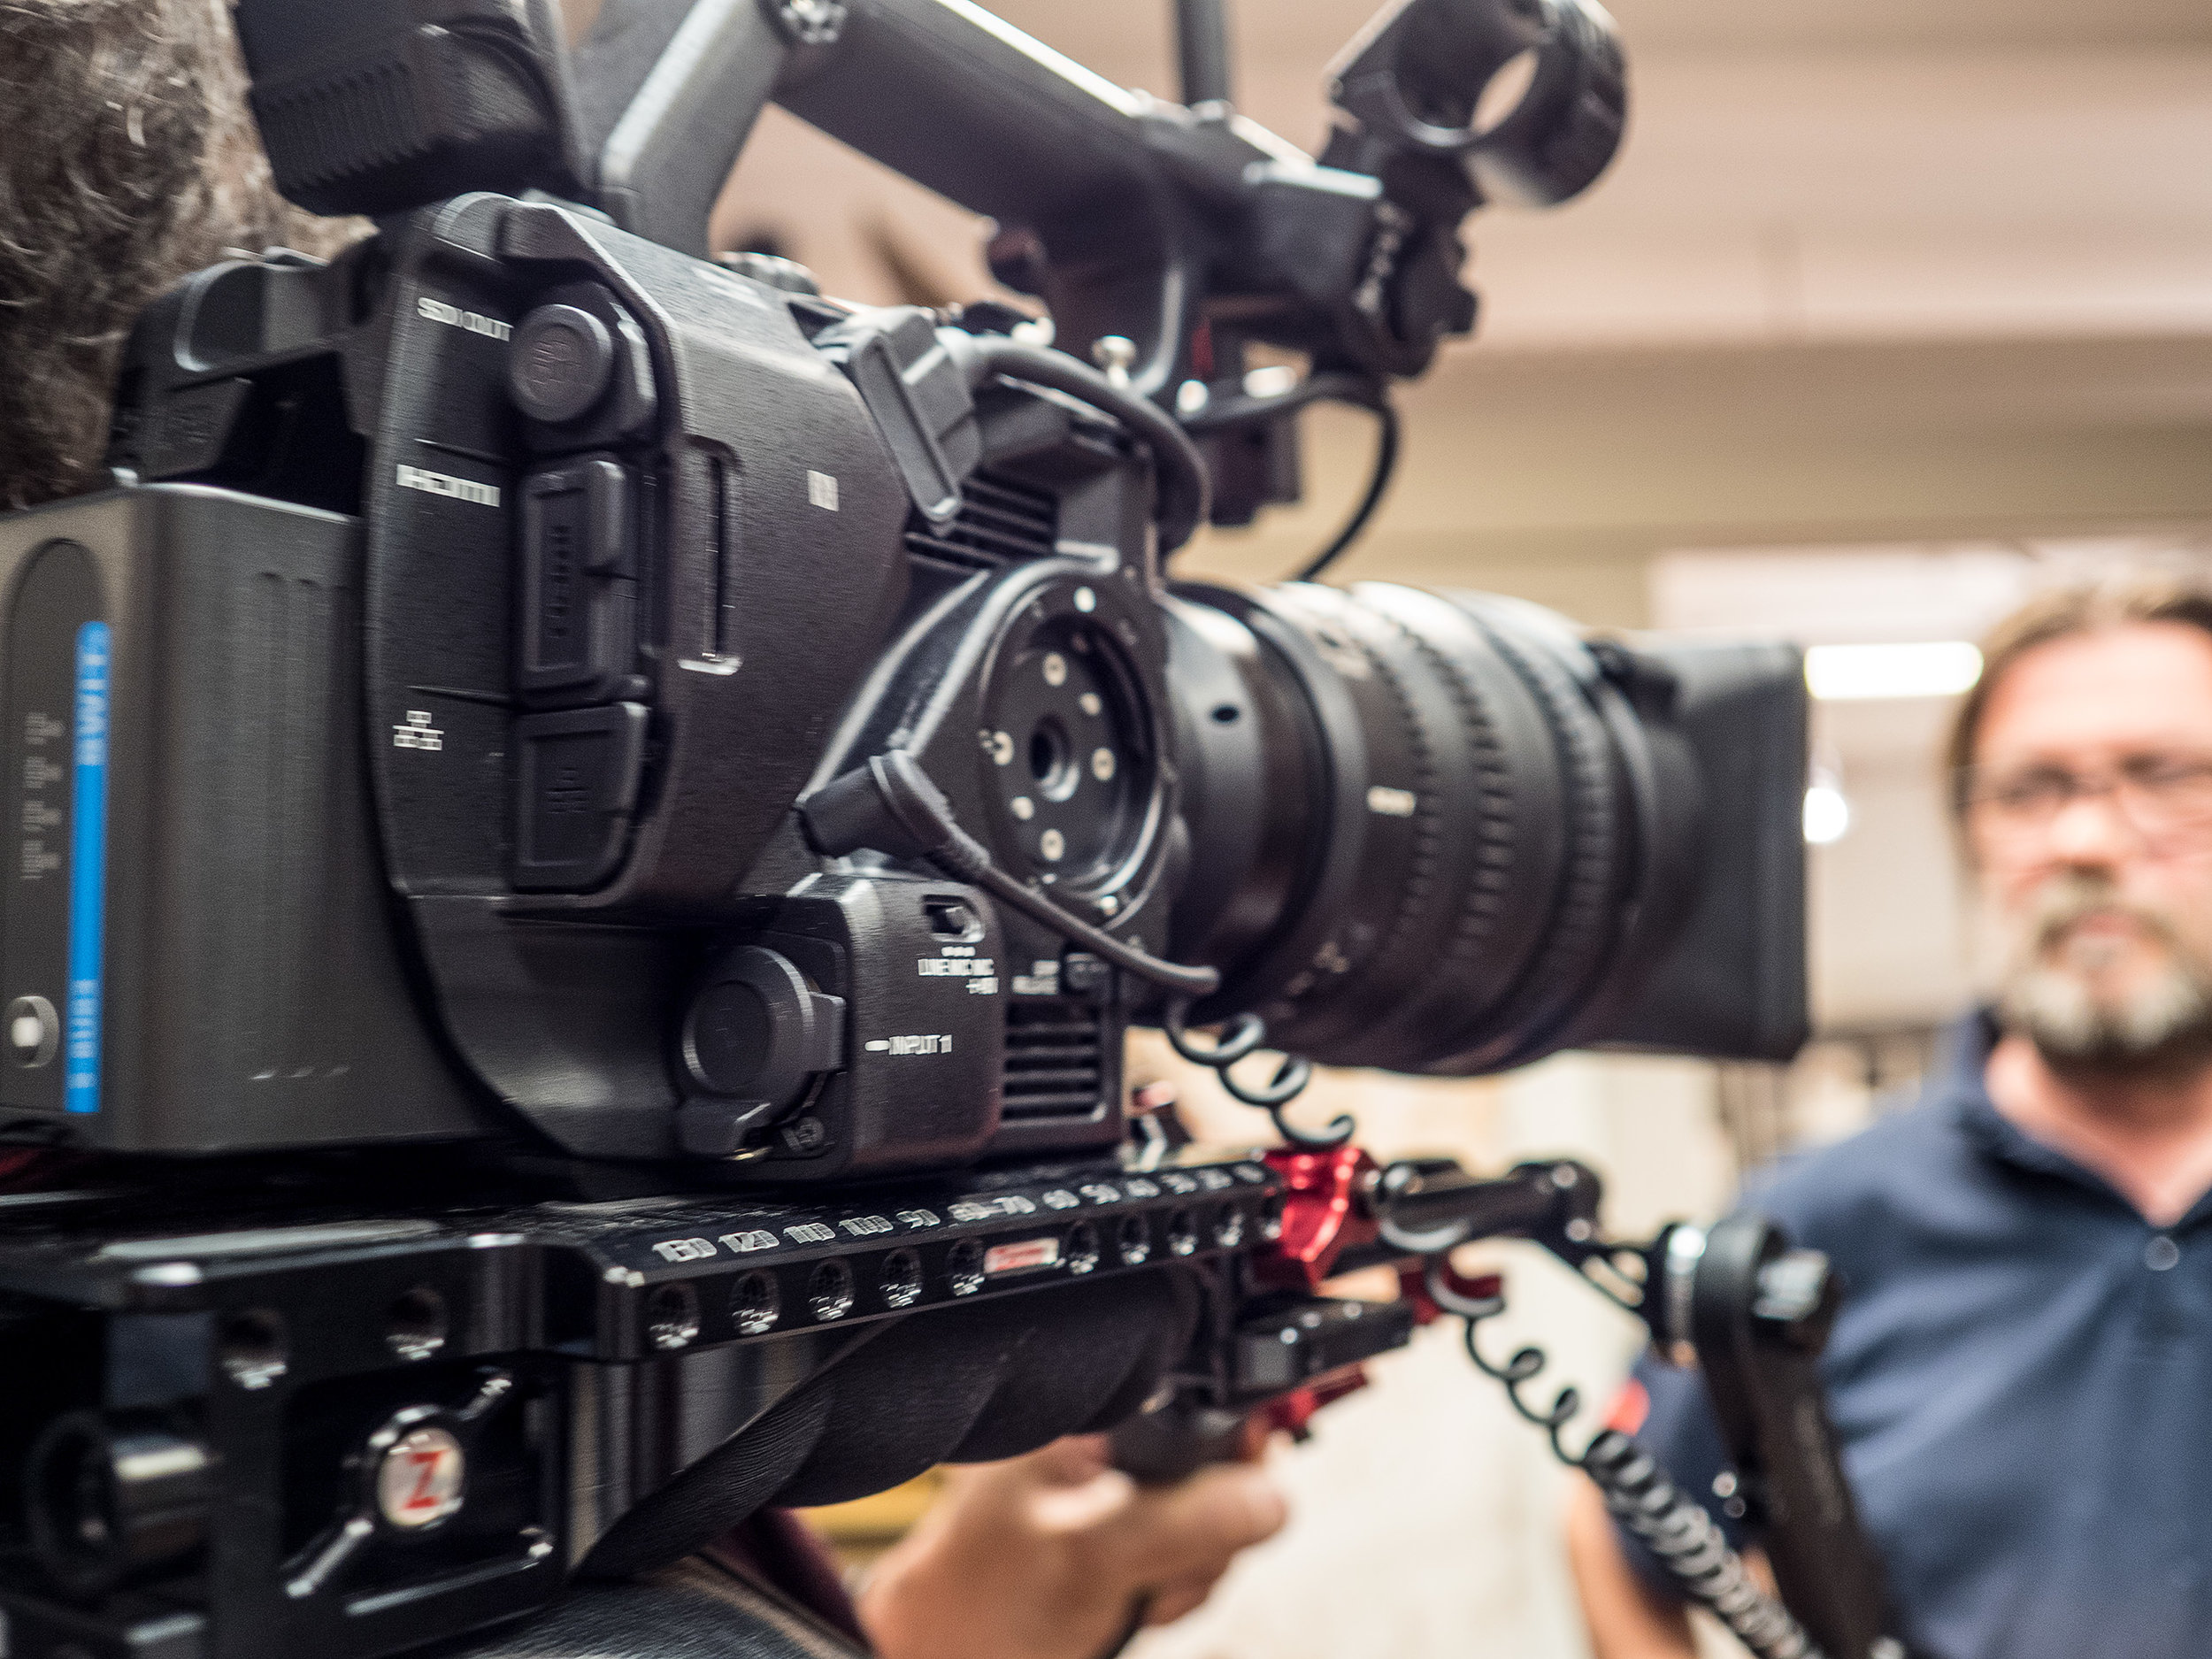 Lehrgang digitales Filmen - LIK Akademie für Foto und Design